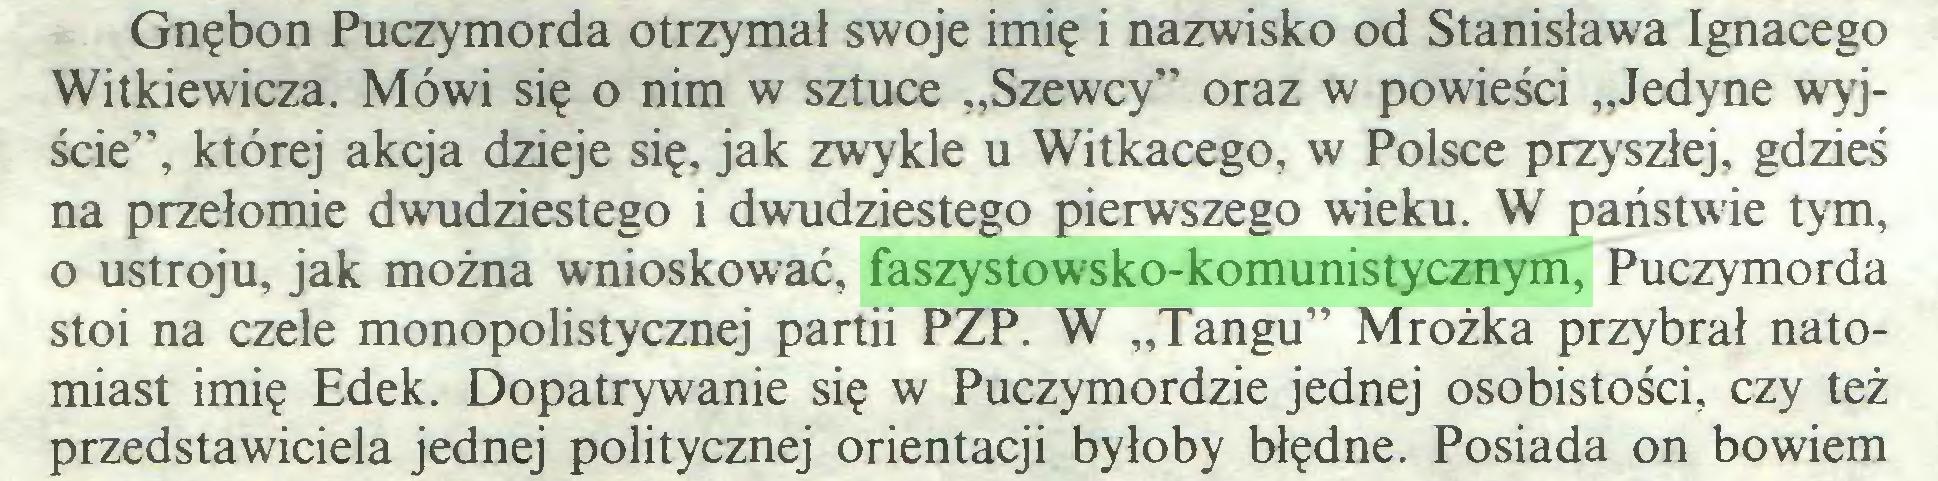 """(...) Gnębon Puczymorda otrzymał swoje imię i nazwisko od Stanisława Ignacego Witkiewicza. Mówi się o nim w sztuce """"Szewcy"""" oraz w powieści """"Jedyne wyjście"""", której akcja dzieje się, jak zwykle u Witkacego, w Polsce przyszłej, gdzieś na przełomie dwudziestego i dwudziestego pierwszego wieku. W państwie tym, o ustroju, jak można wnioskować, faszystowsko-komunistycznym, Puczymorda stoi na czele monopolistycznej partii PZP. W """"Tangu"""" Mrożka przybrał natomiast imię Edek. Dopatrywanie się w Puczymordzie jednej osobistości, czy też przedstawiciela jednej politycznej orientacji byłoby błędne. Posiada on bowiem..."""